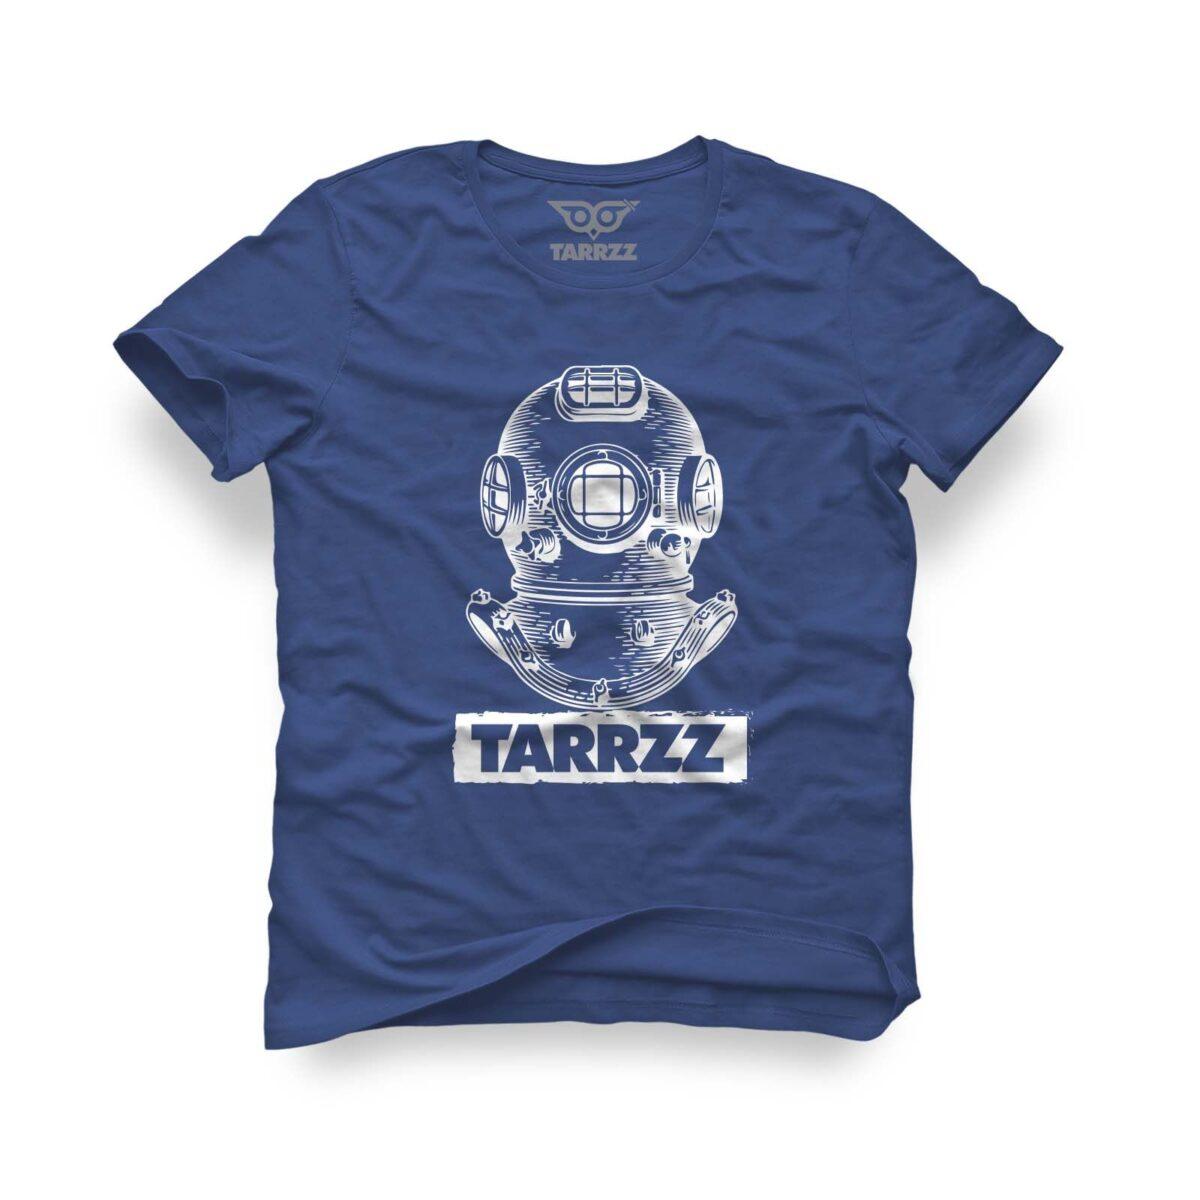 tarrzz-tasarim-marine-mavi-tisort-antik-dalgic